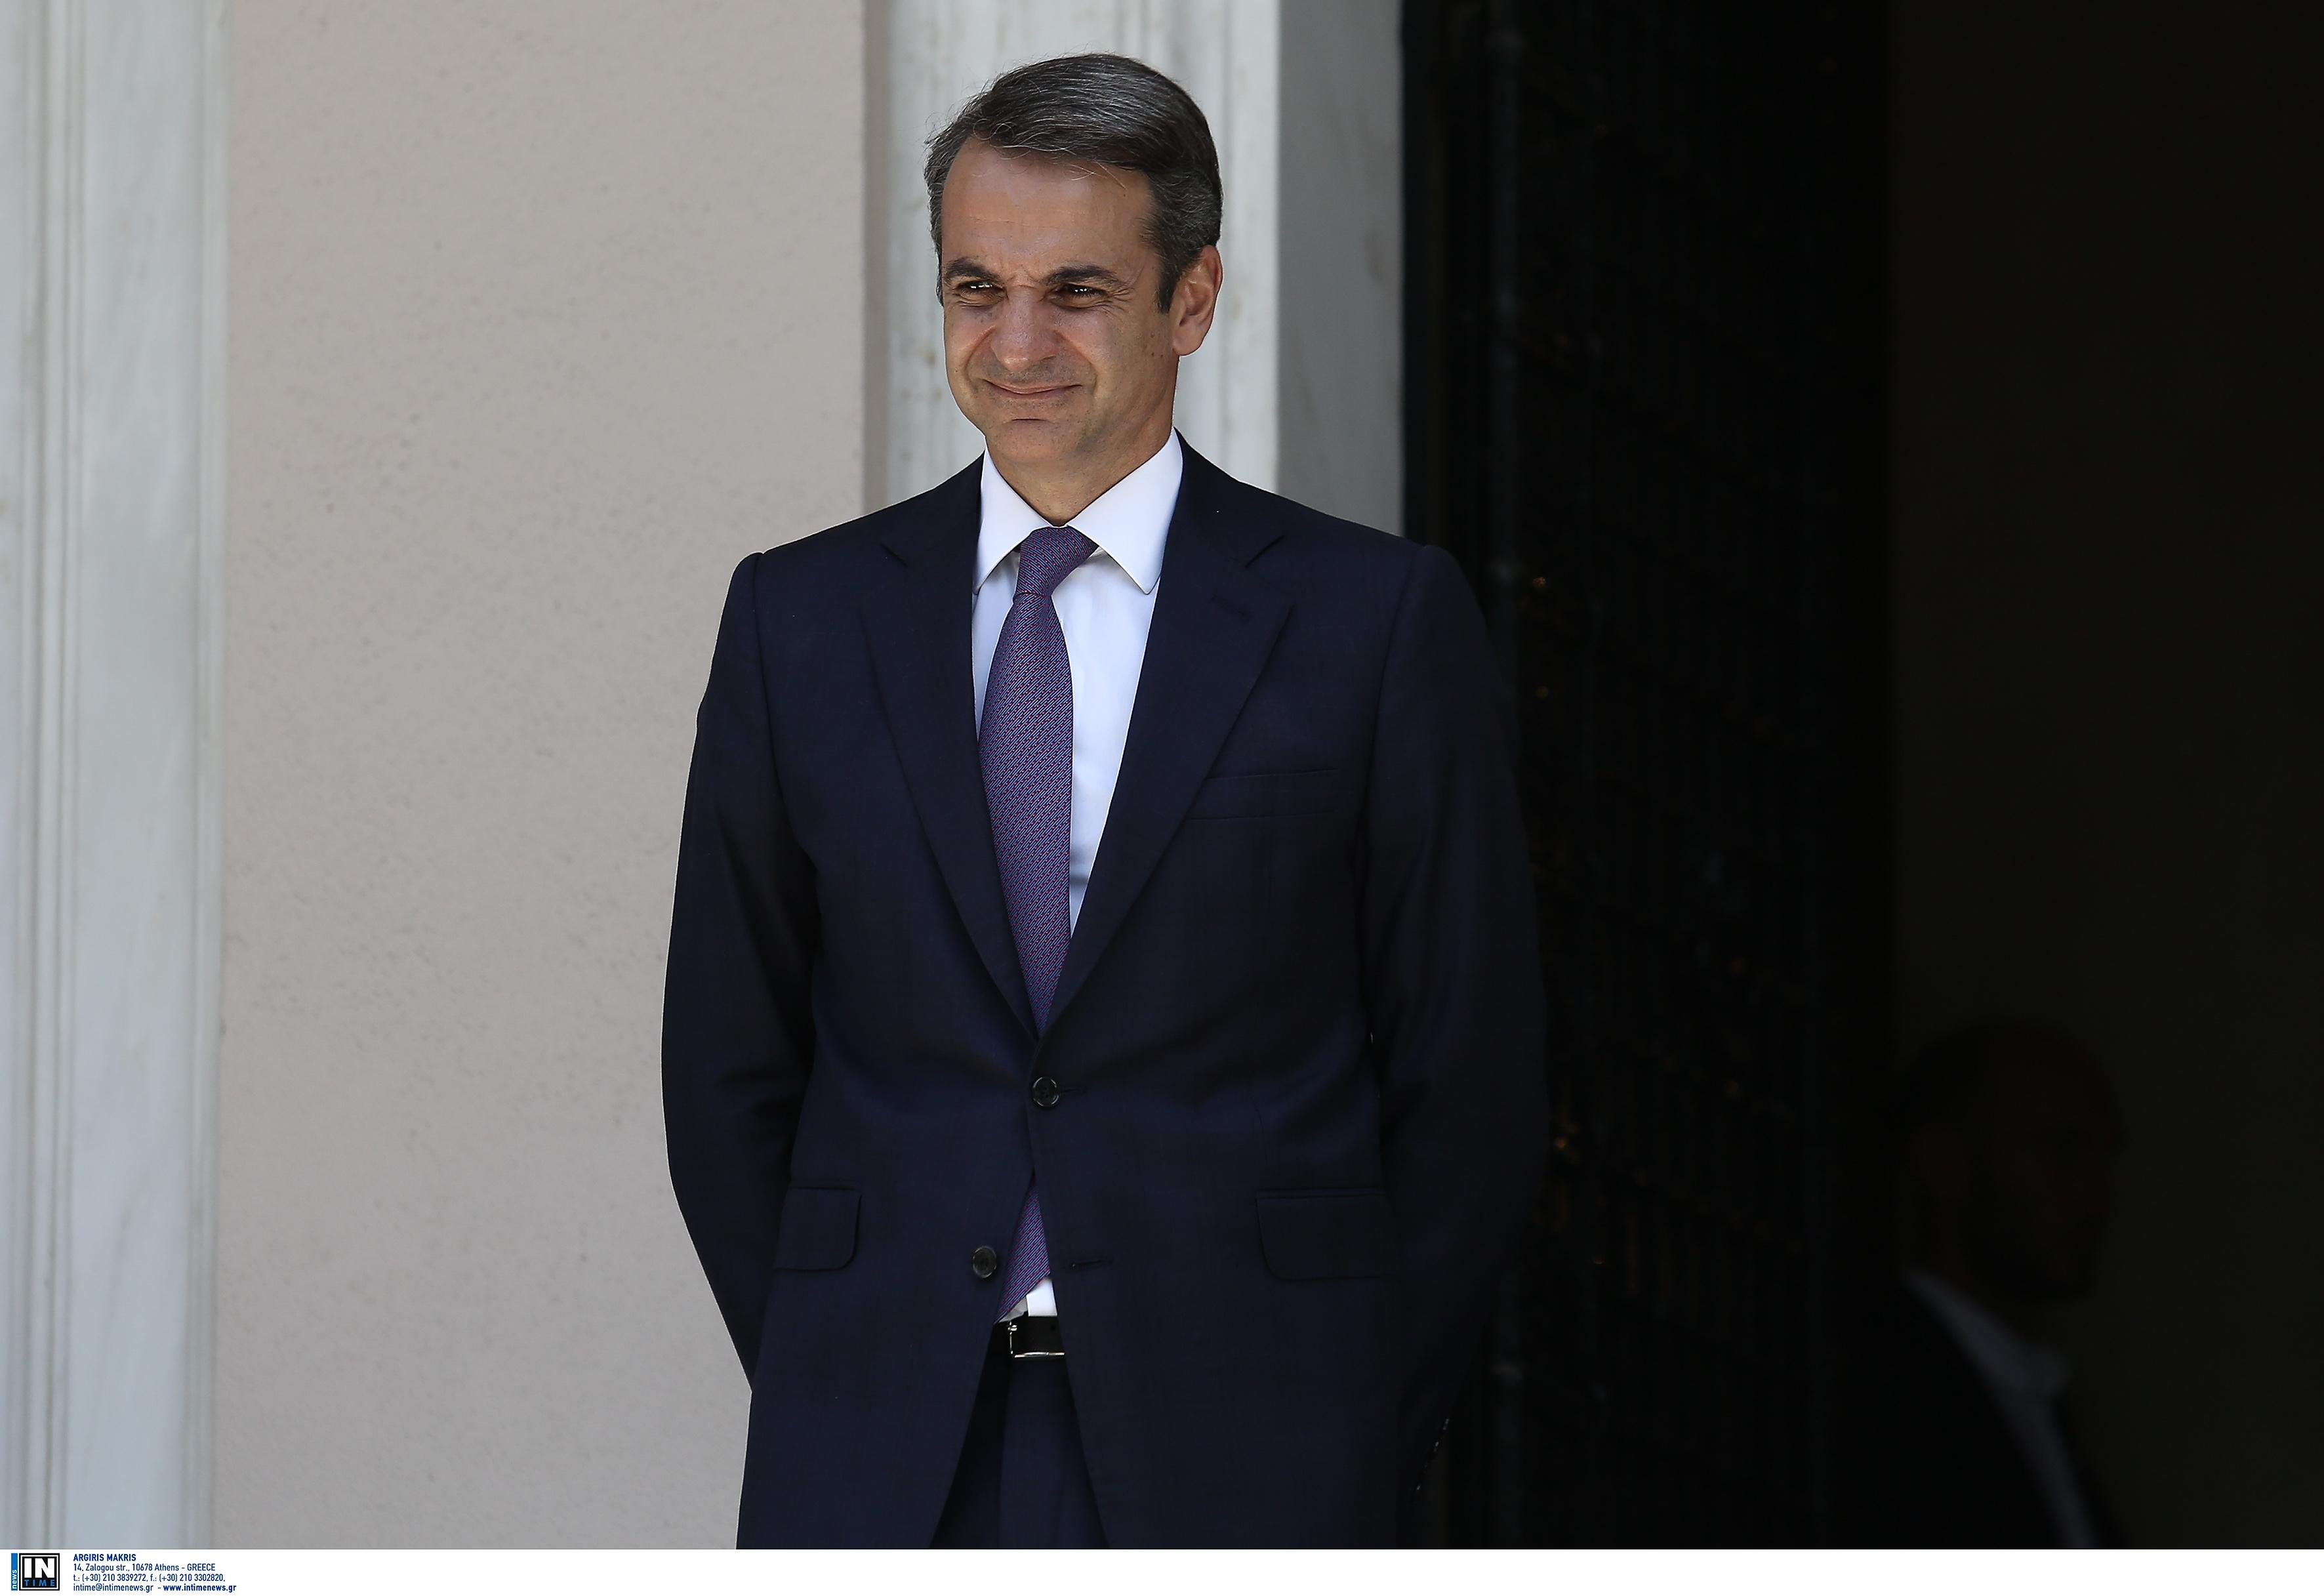 Αυτή είναι η νέα κυβέρνηση του Κυριάκου Μητσοτάκη! - Όλοι οι υπουργοί